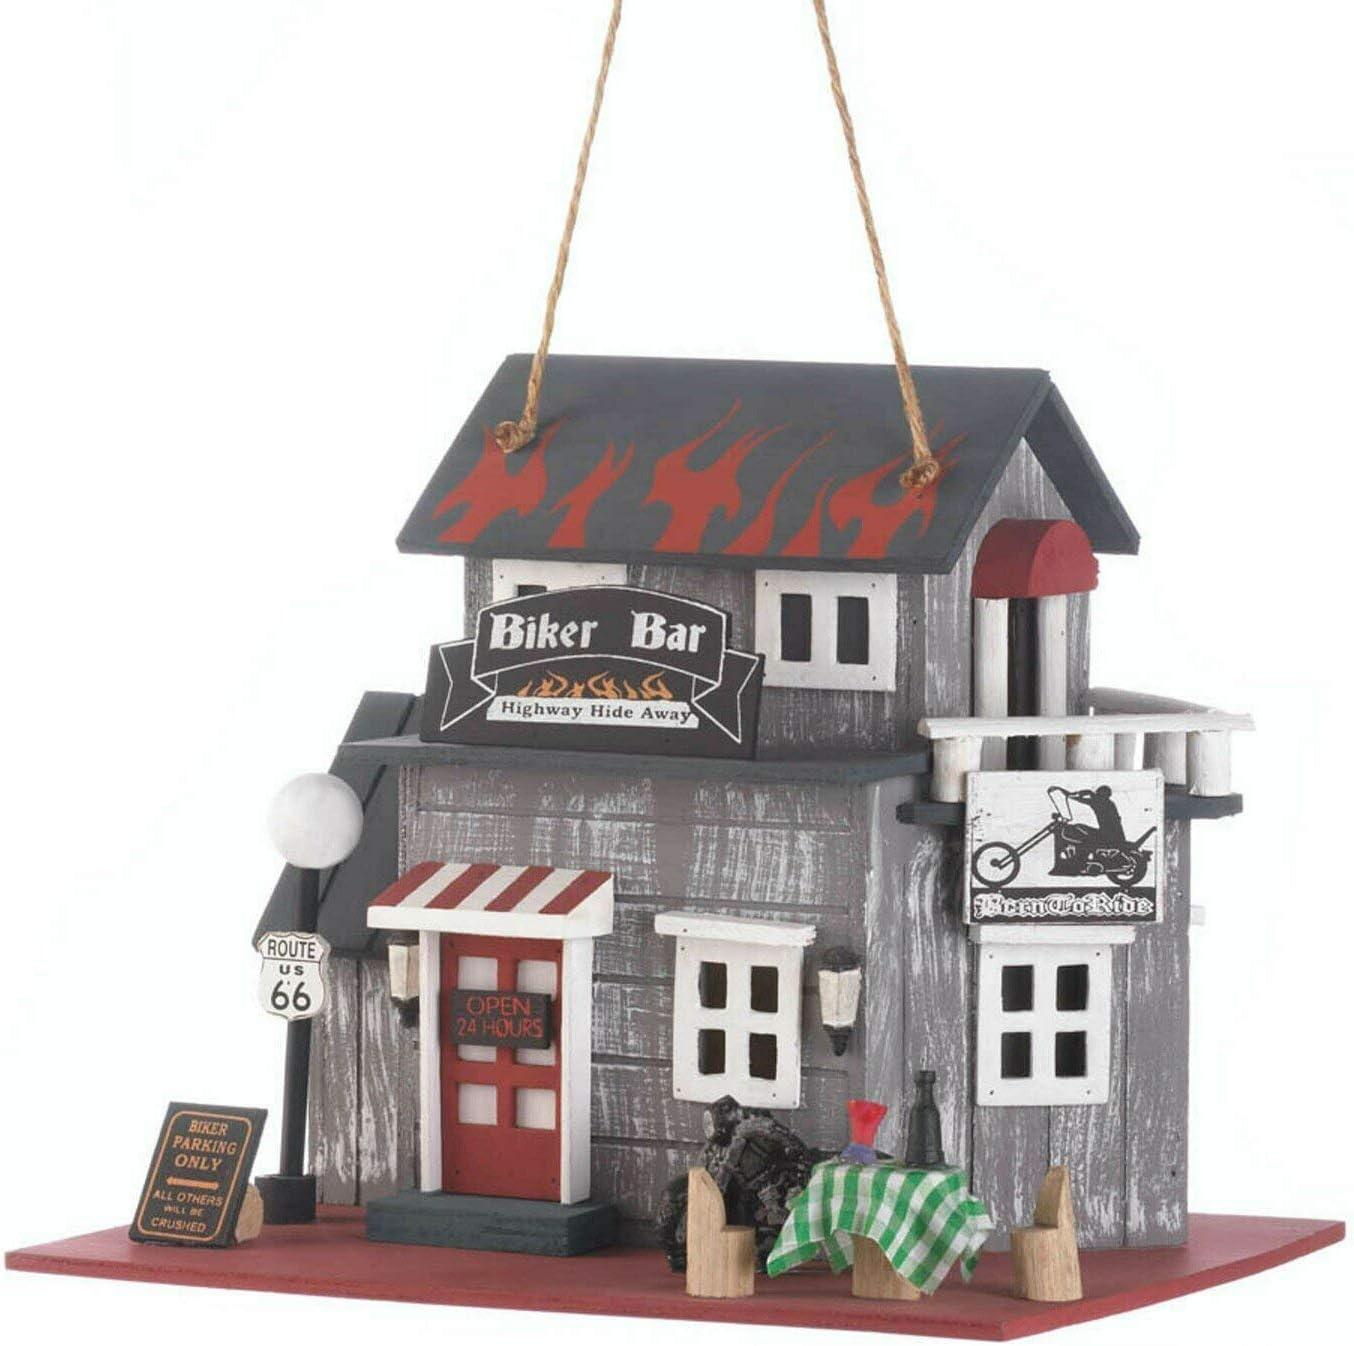 Koehler Home Decor Biker Bar Birdhouse